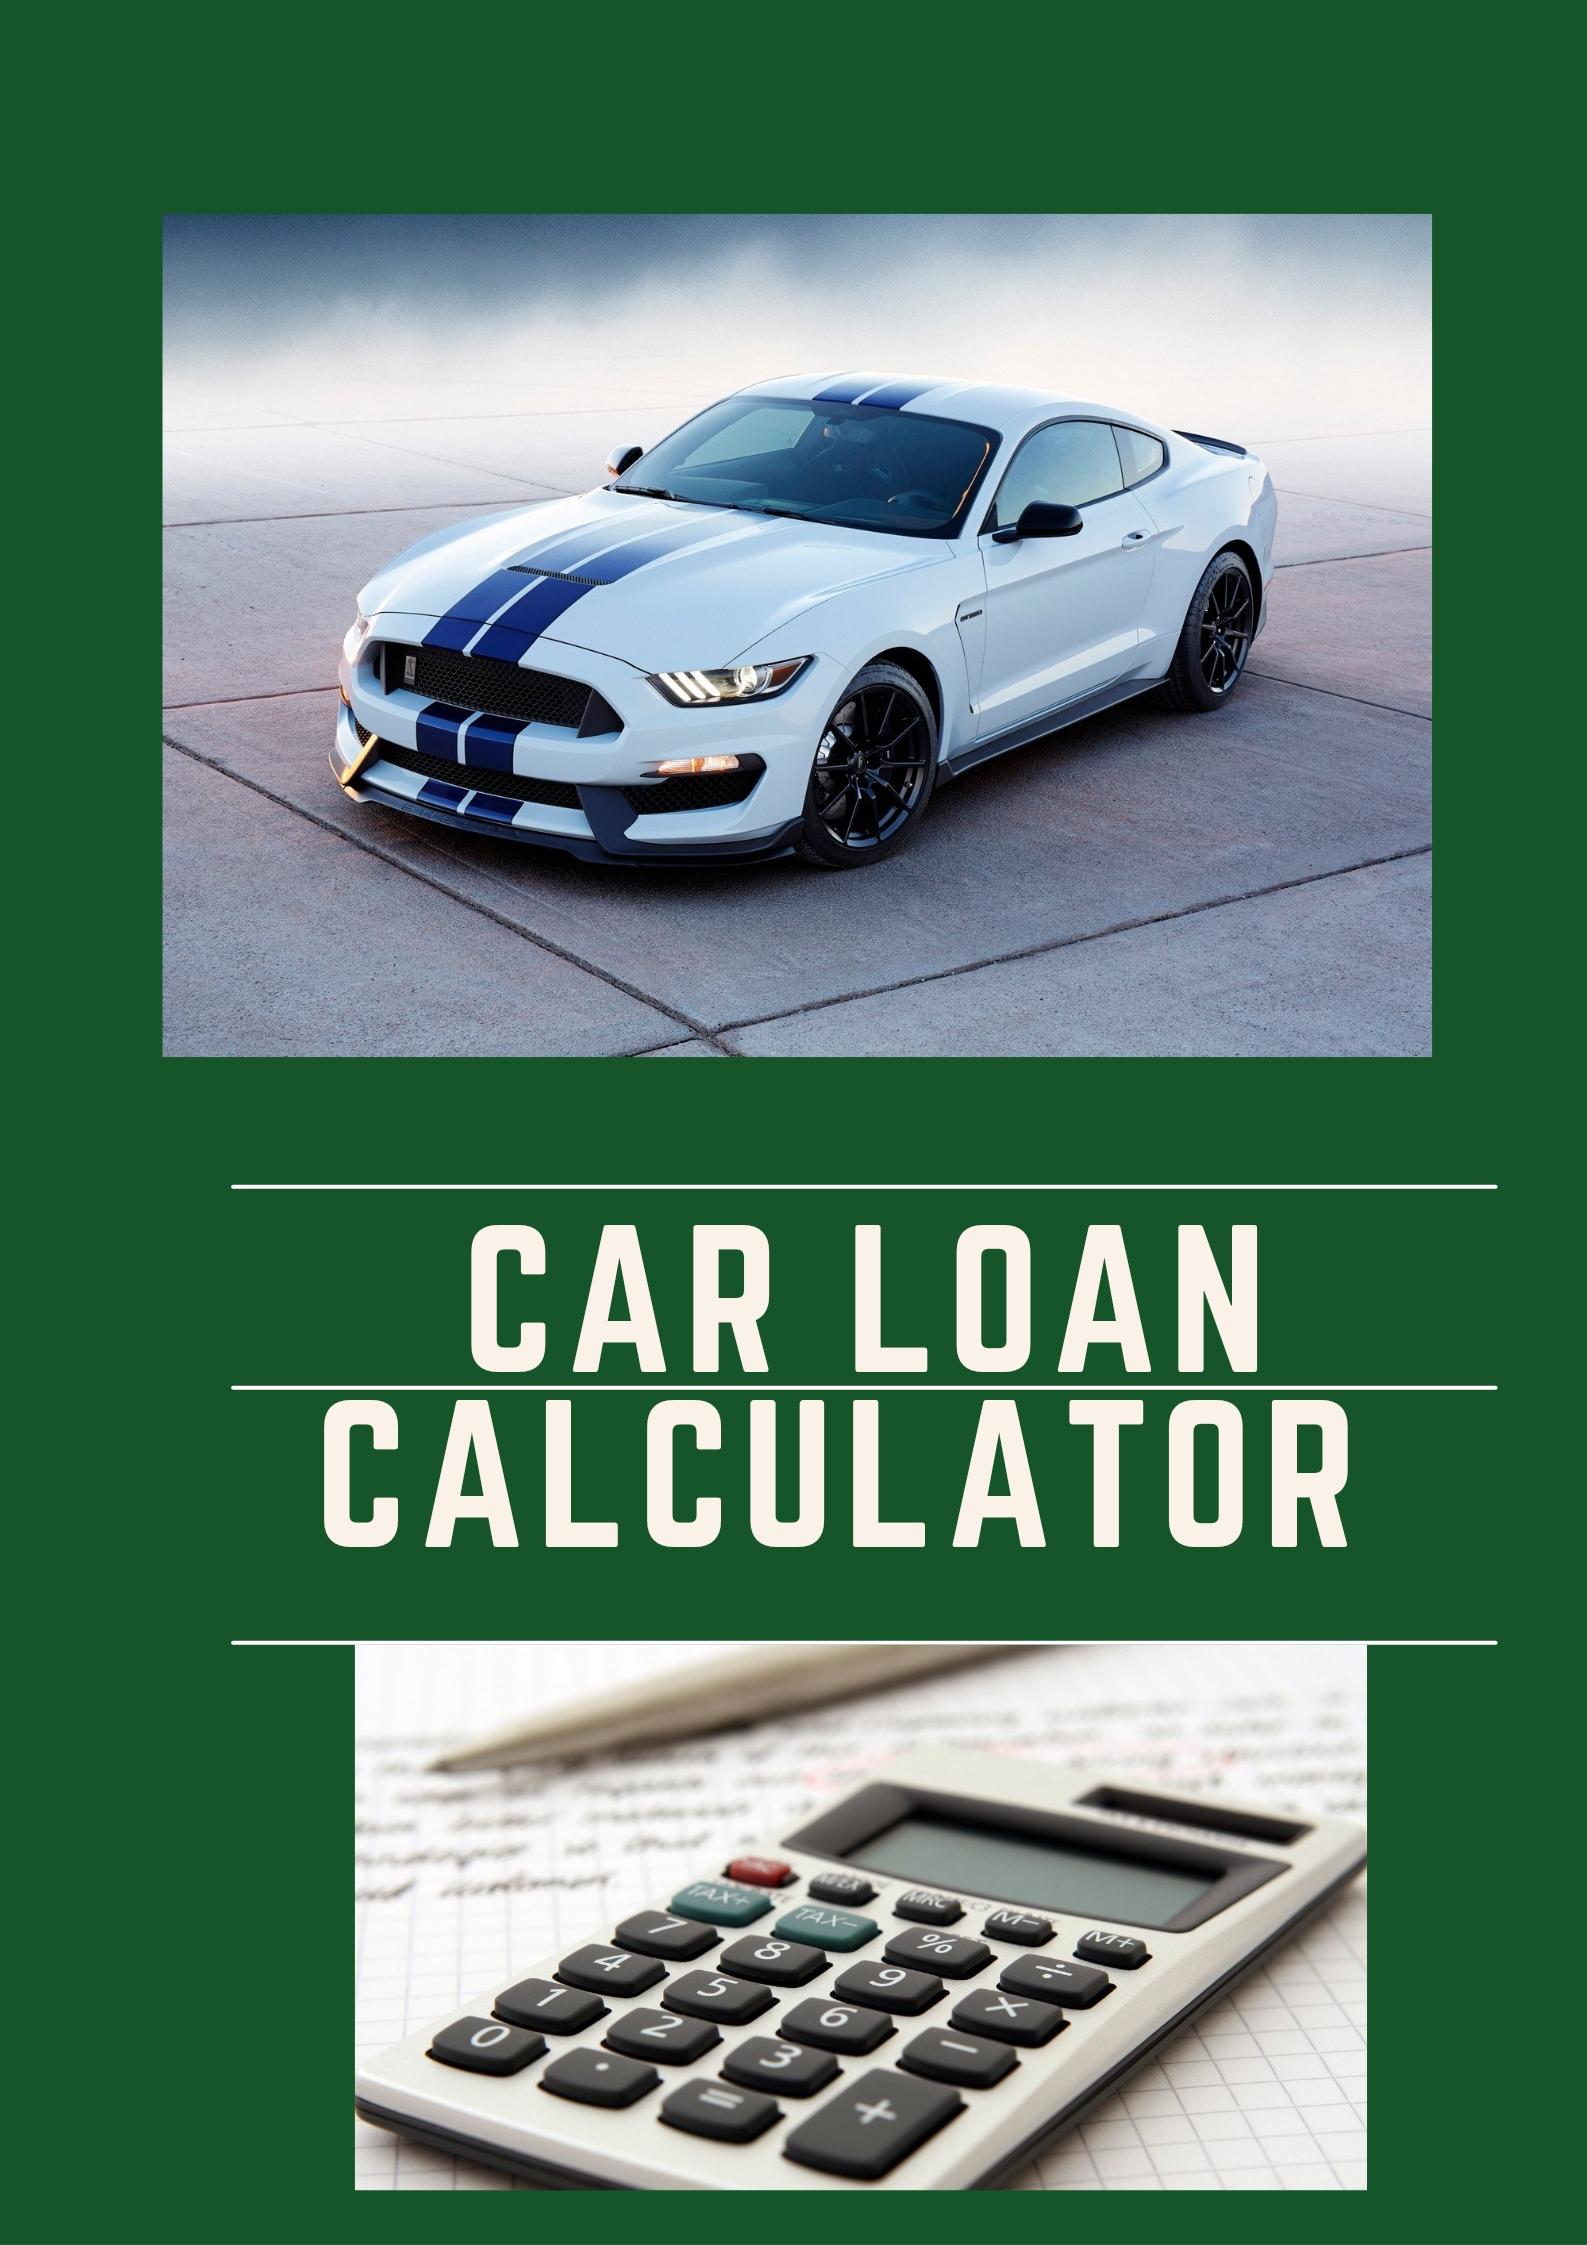 Car loan Calculator for Car Loan Business